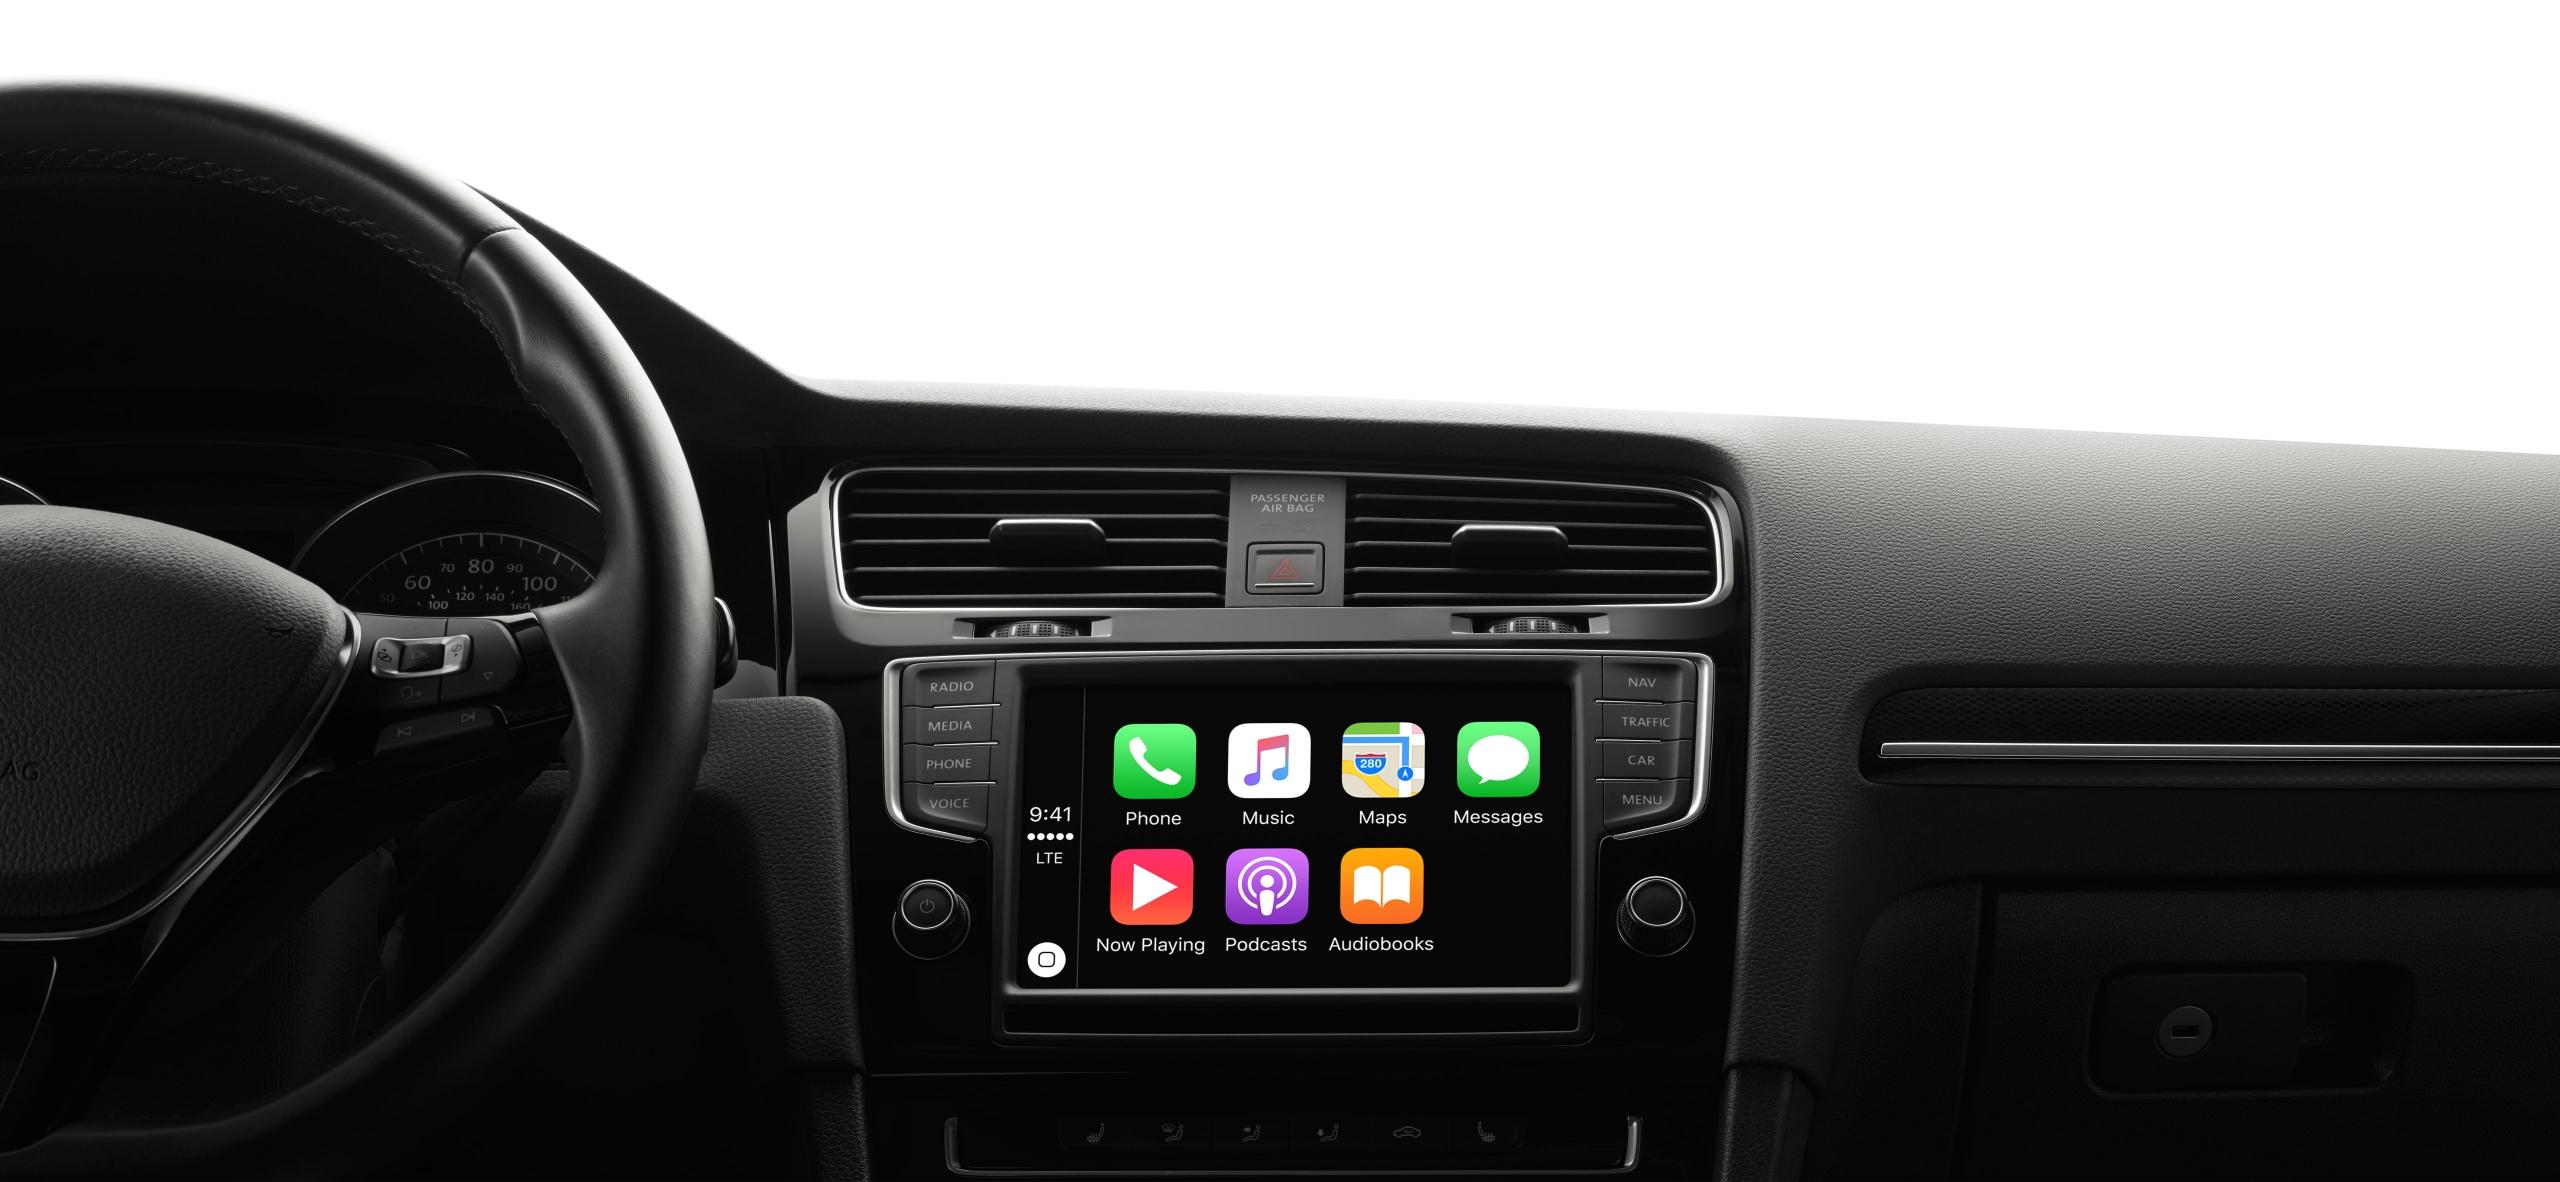 Nowe Fiaty i Volkswageny z Apple Music ma sześć miesięcy